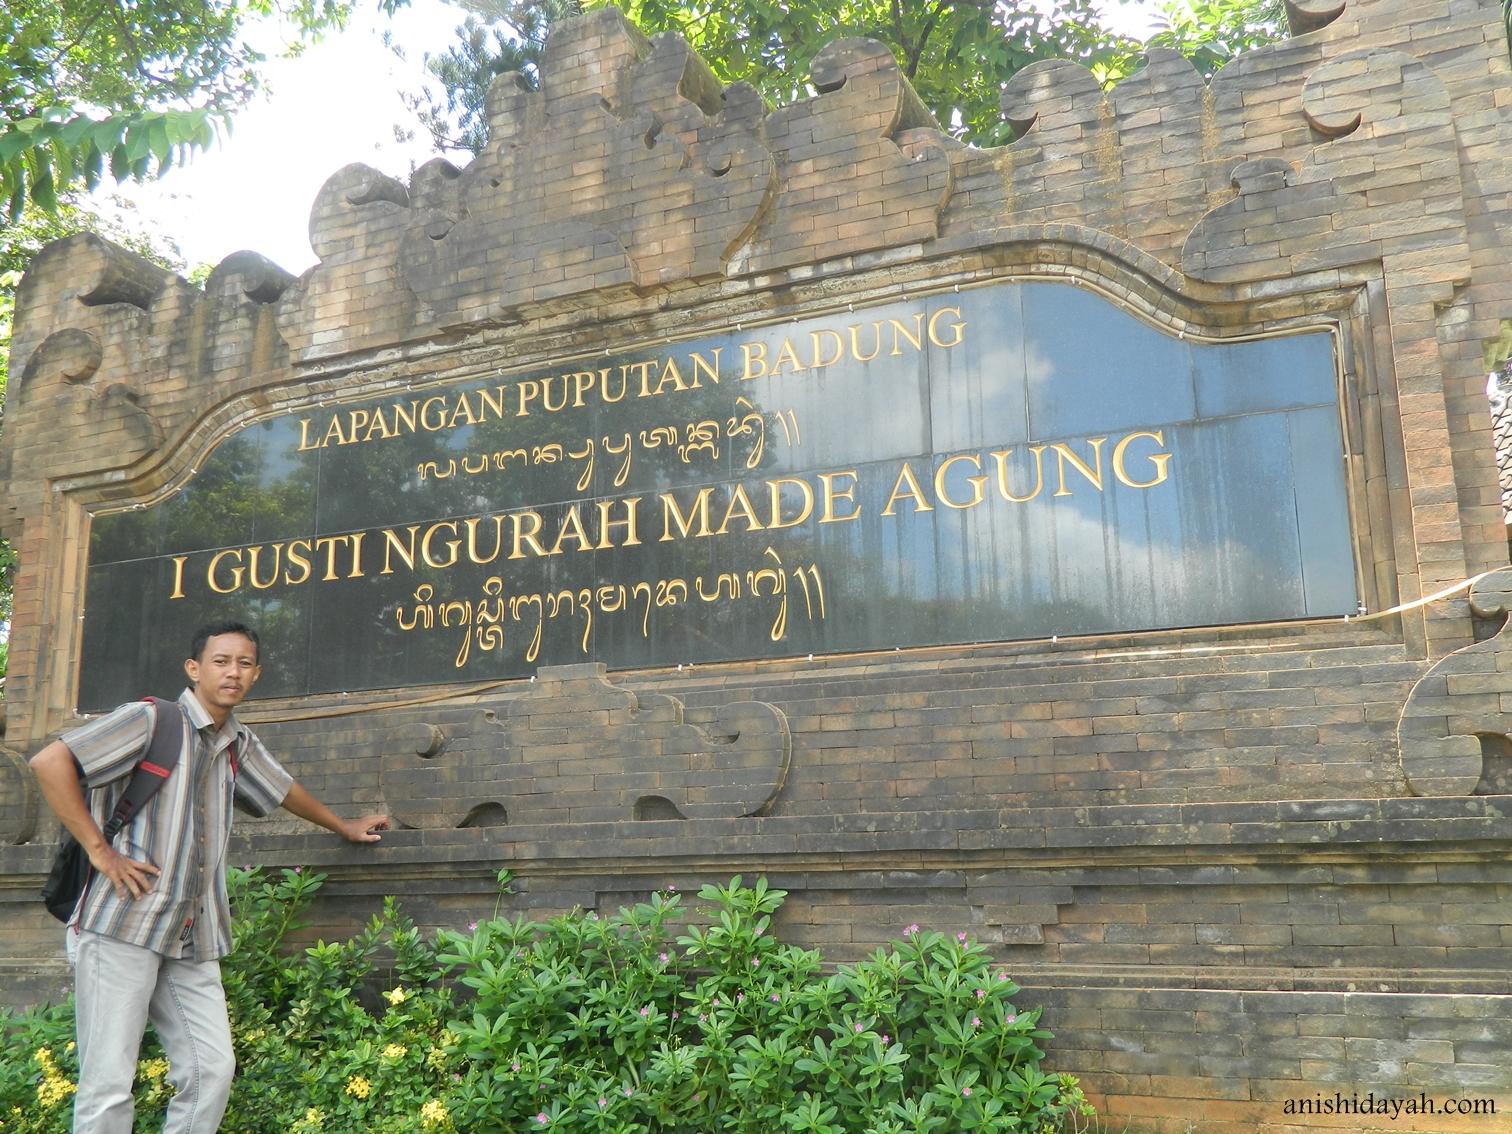 Sangpetualang Lapangan Puputan Badung Bali Tempat Asyik Buat Nongkrong Ntah